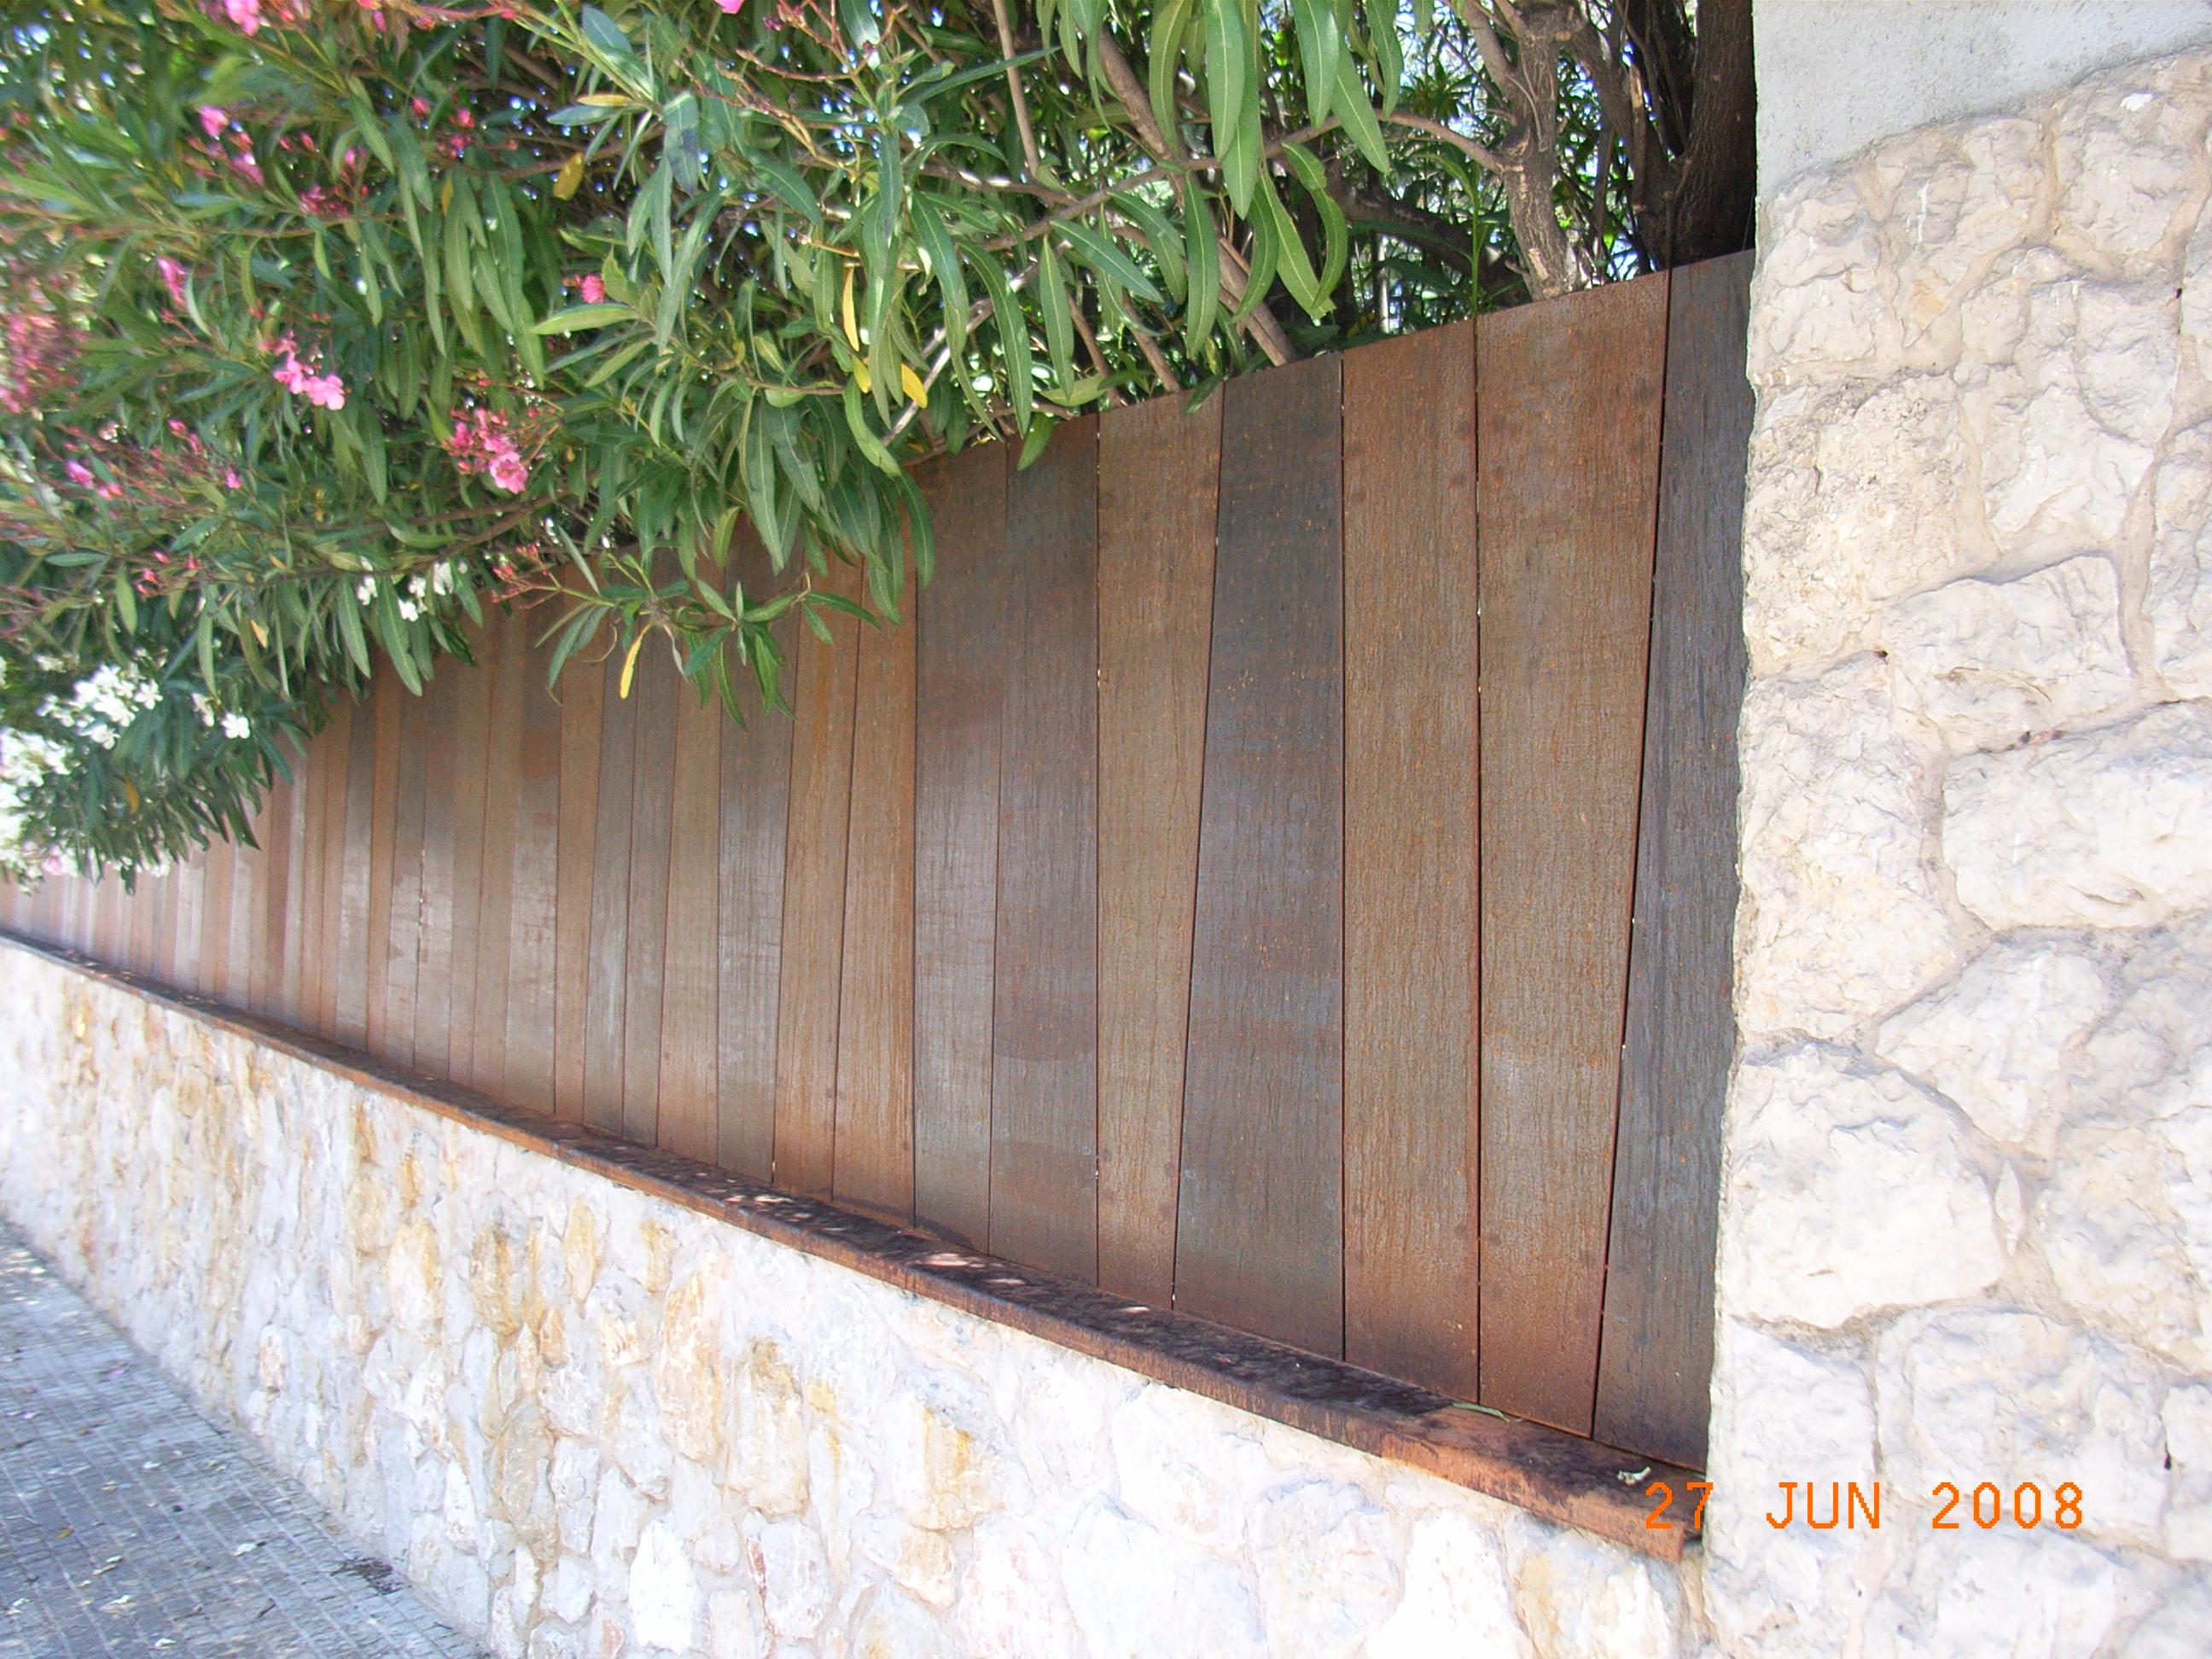 Valla corten irregular metallcat for Vallas de hierro para jardin